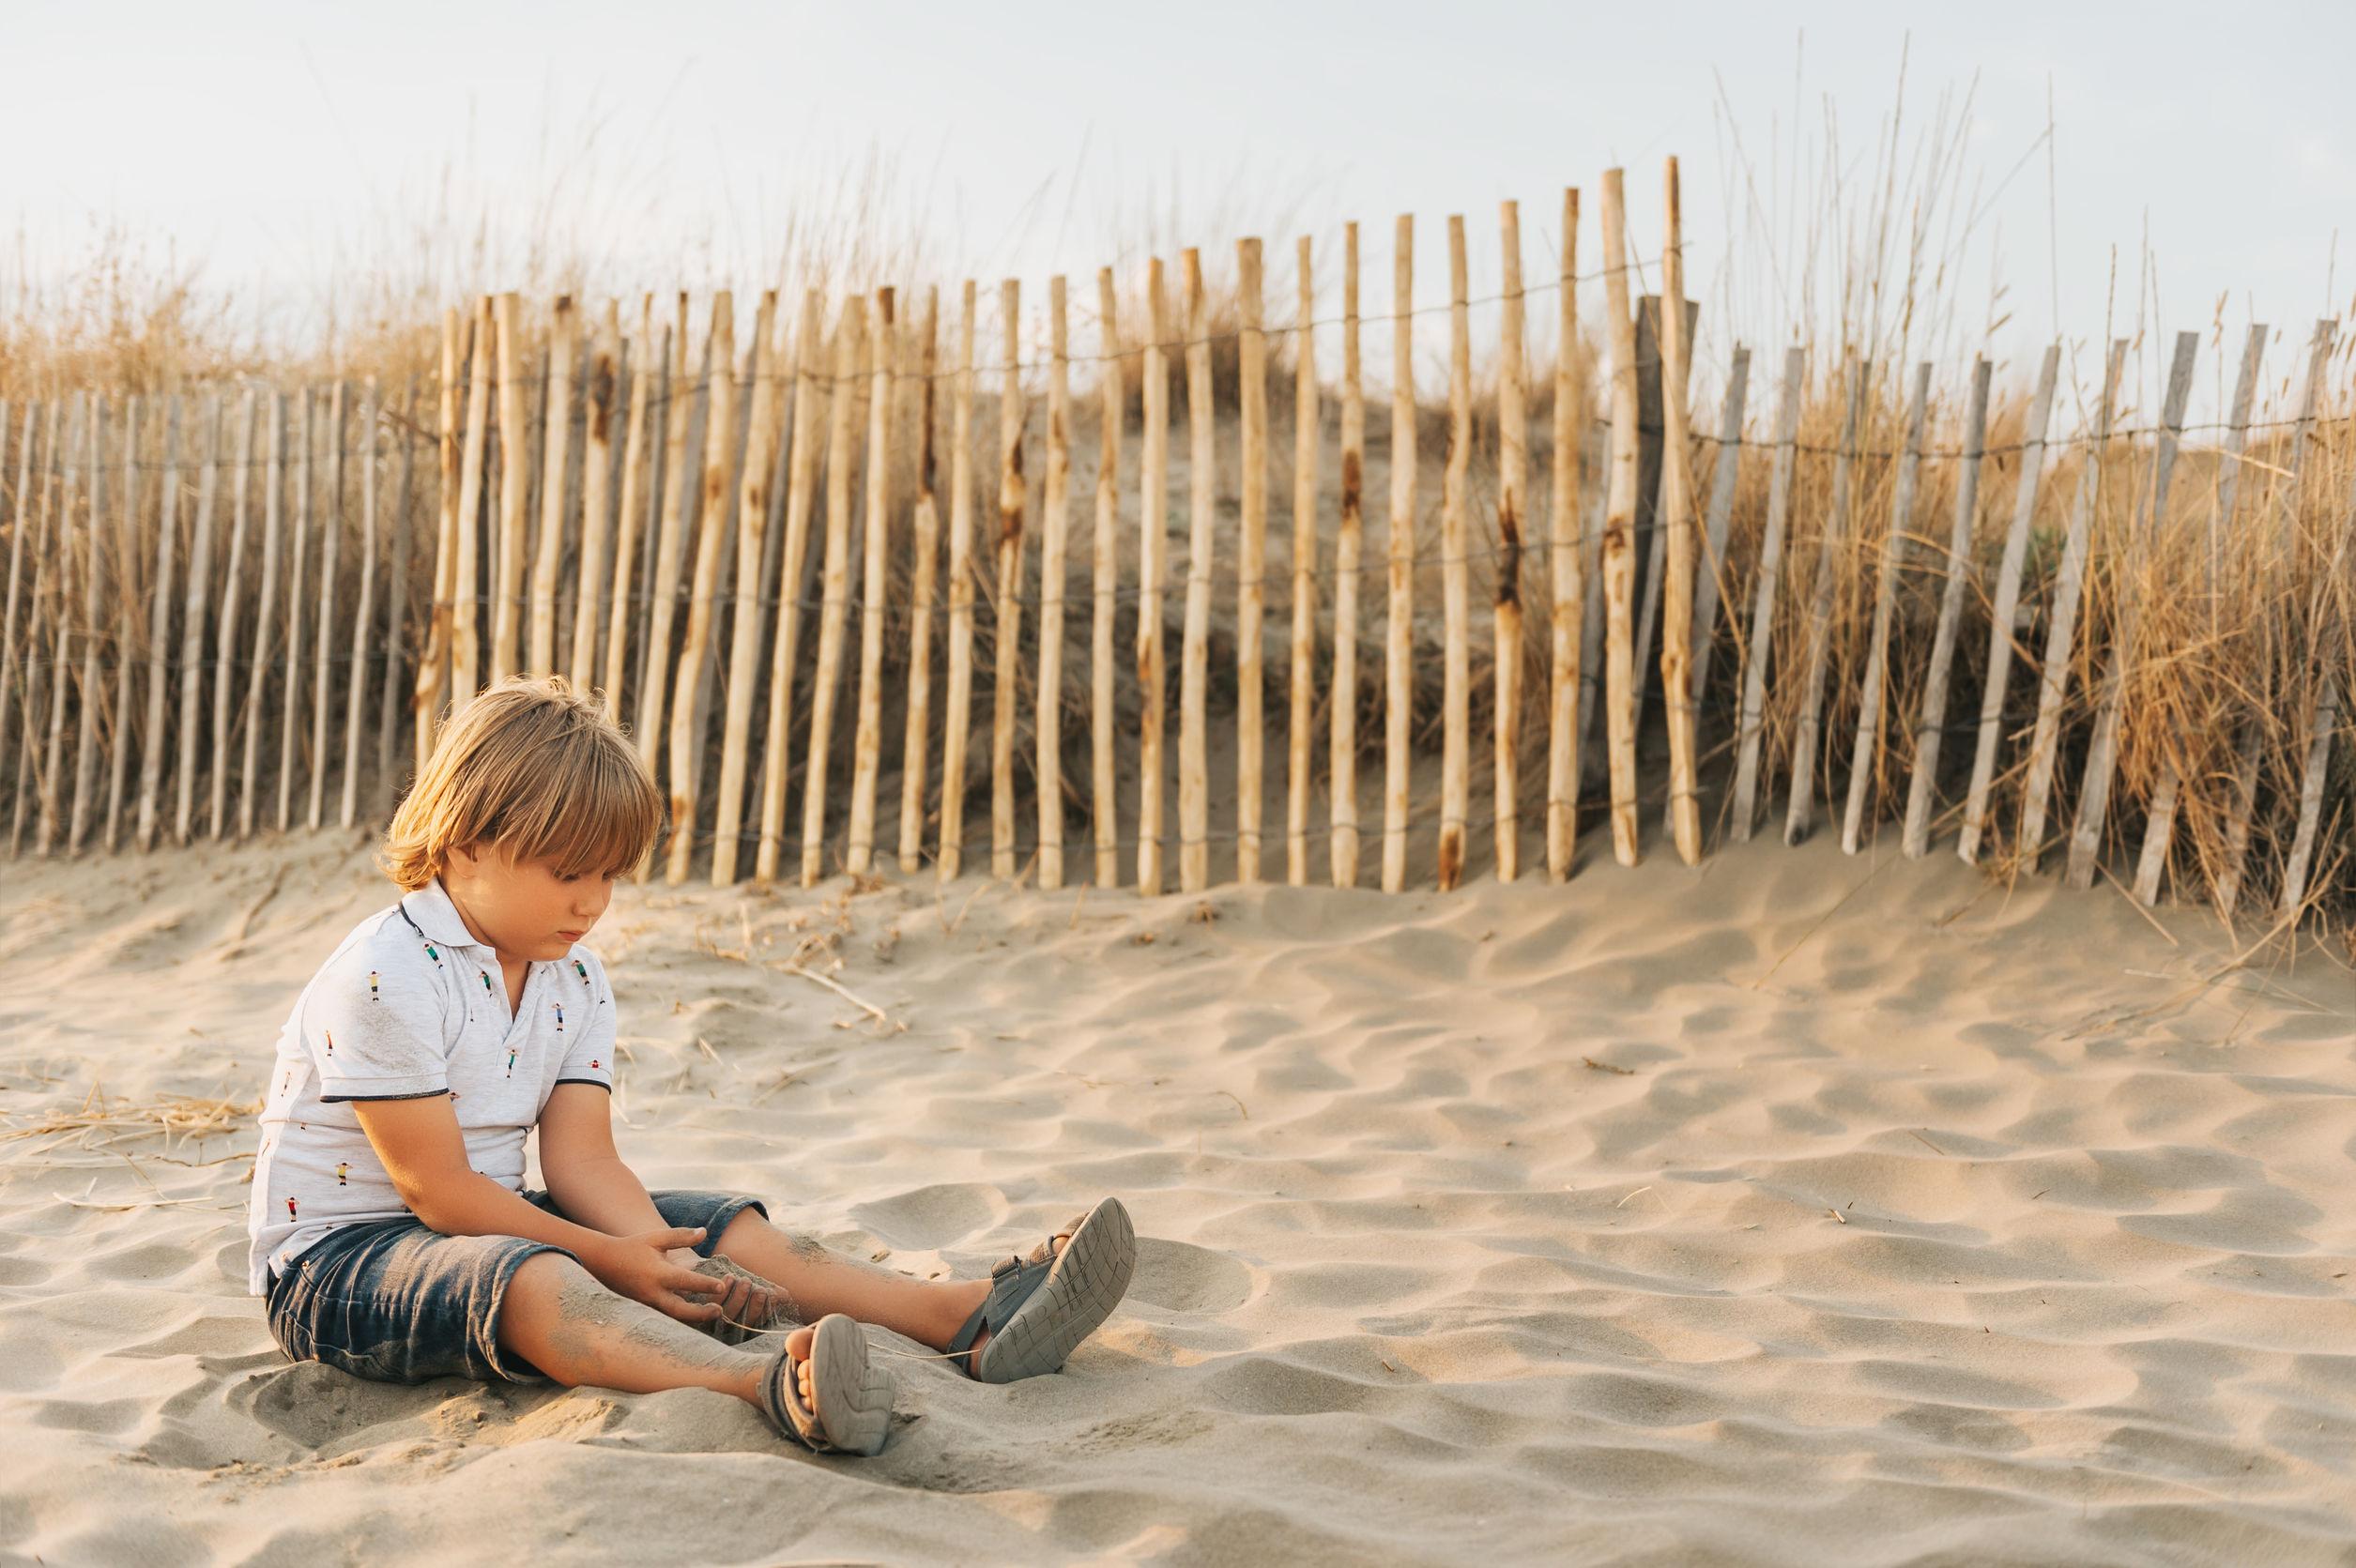 niño descansando en la playa de arena junto al mar al atardecer